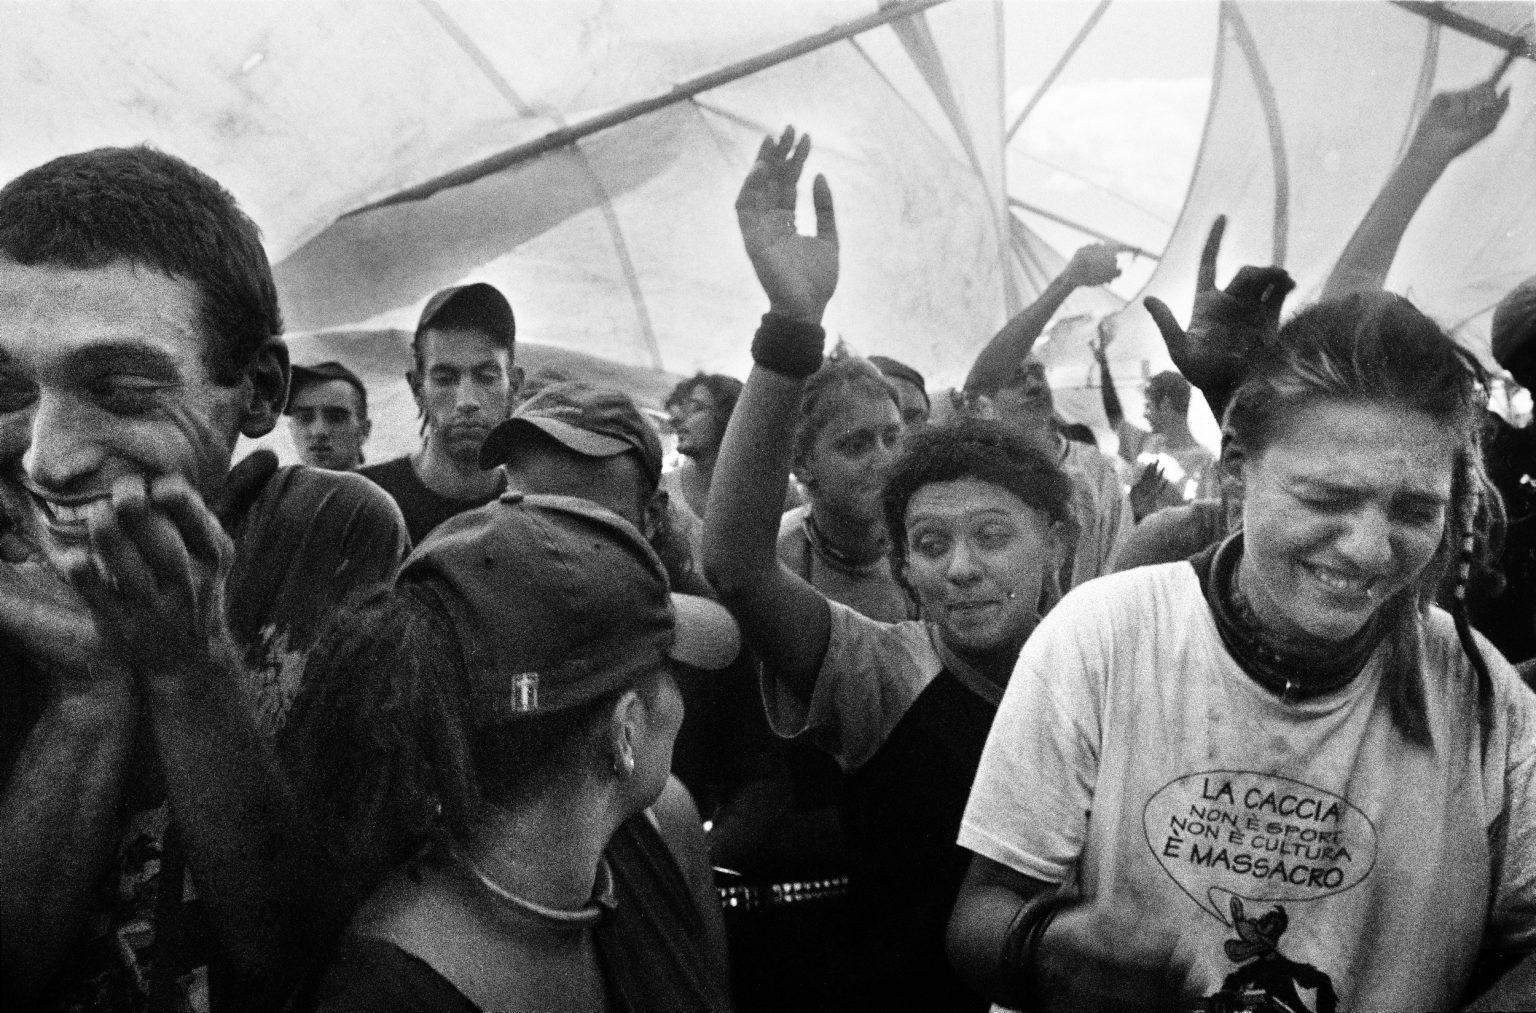 """Petriolo Terme, Marche, 2003 - Sandstorm during the summer party, Ferragosto holiday. Rave parties are usually organized by """"Tribes"""", groups of at least a dozen people. The tribes were always coming to Italy during the summer, cause the police was less strict, but above all to enjoy the great weather and the amazing locations. >< Petriolo Terme, Marche, 2003 - Tempesta di sabbia durante una festa estiva a Ferragosto. I rave party sono solitamente organizzati da """"tribù"""", gruppi di almeno una dozzina di persone. Le tribù venivano sempre in Italia durante l'estate, perché la polizia era meno severa, ma soprattutto per godersi il bel tempo e il panorama."""